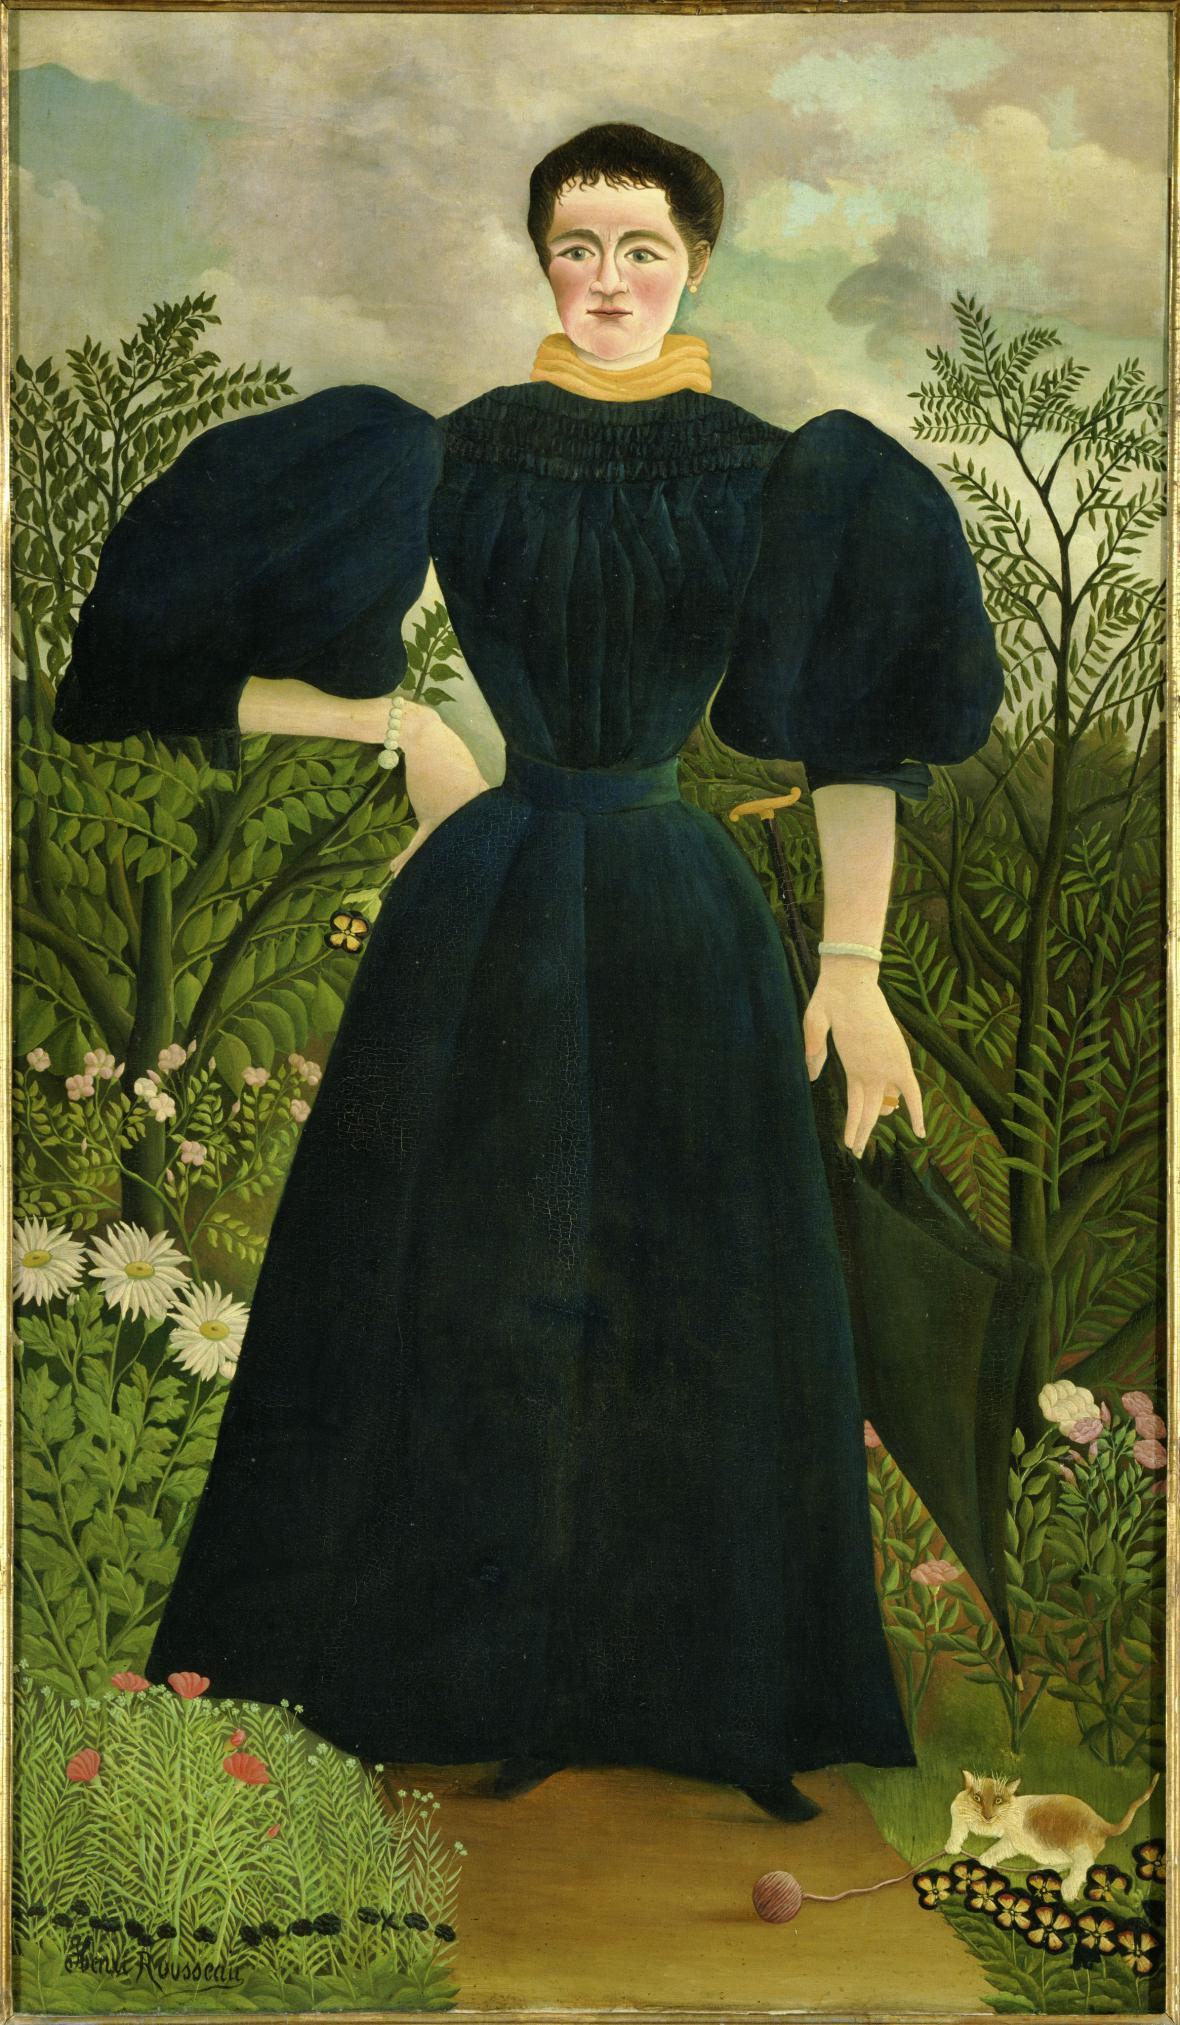 Henri Rousseau / Portrét paní M., ca 1896